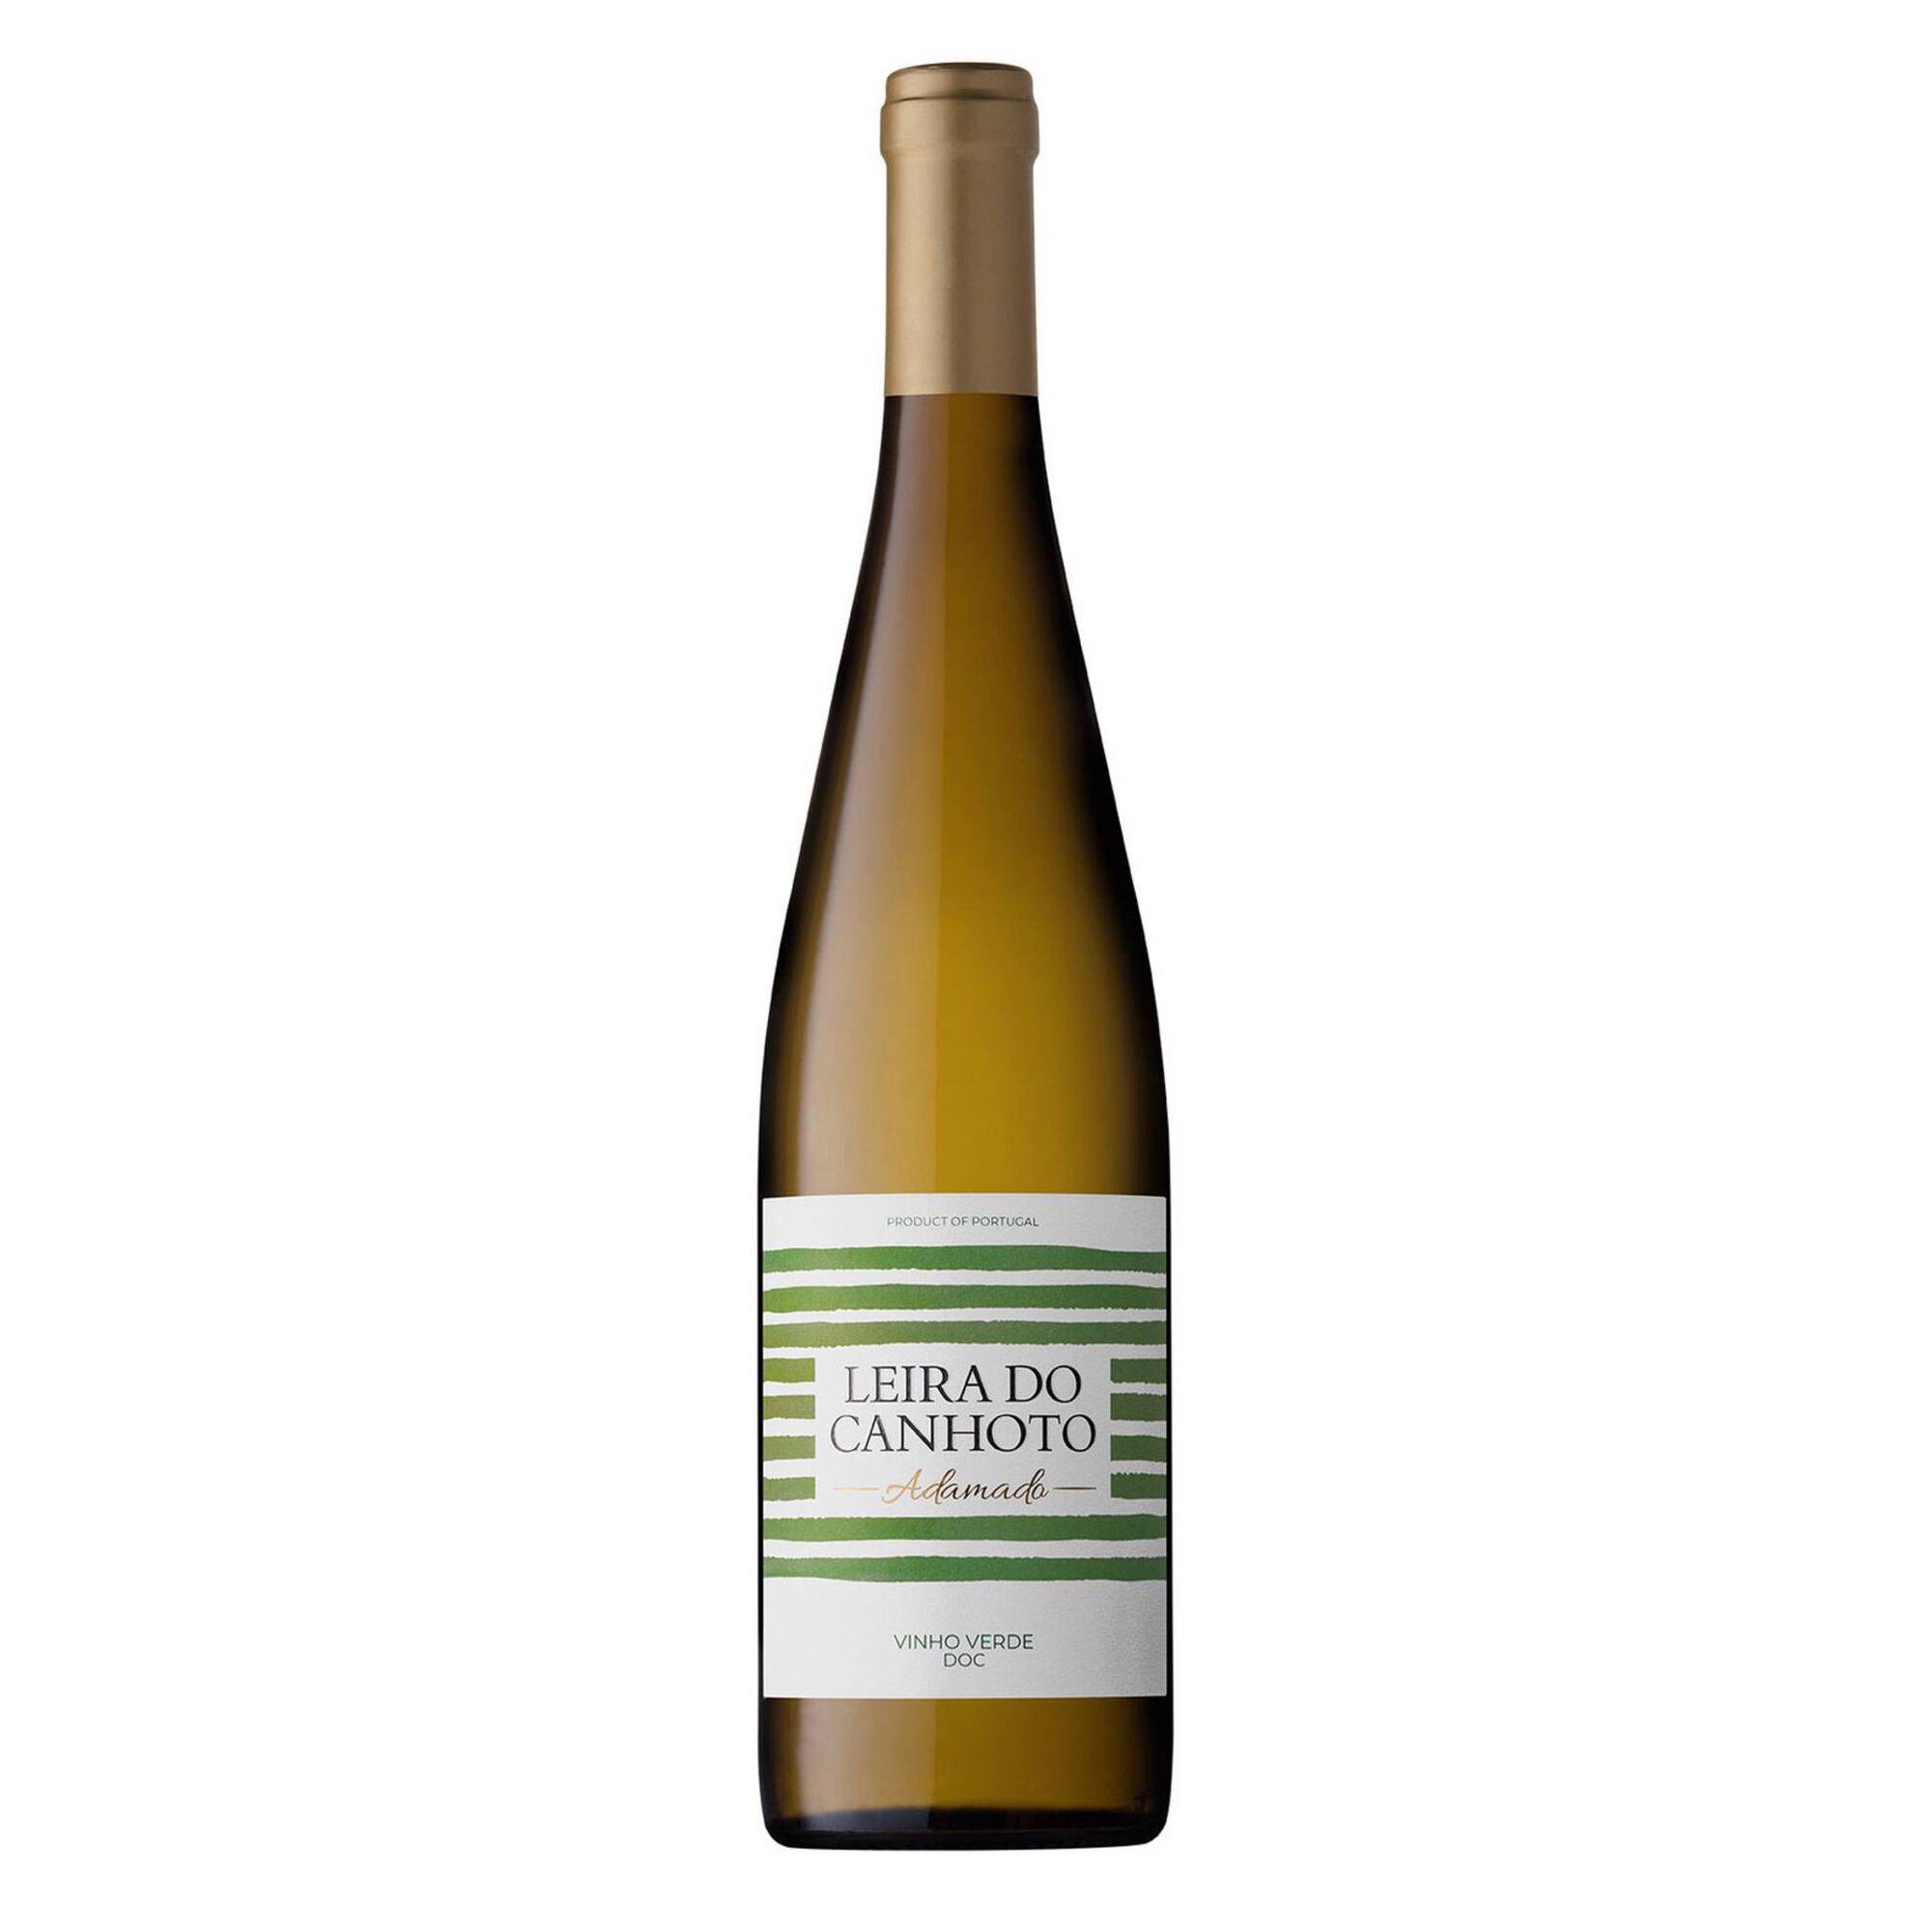 Leira do Canhoto Adamado DOC Vinho Verde Branco